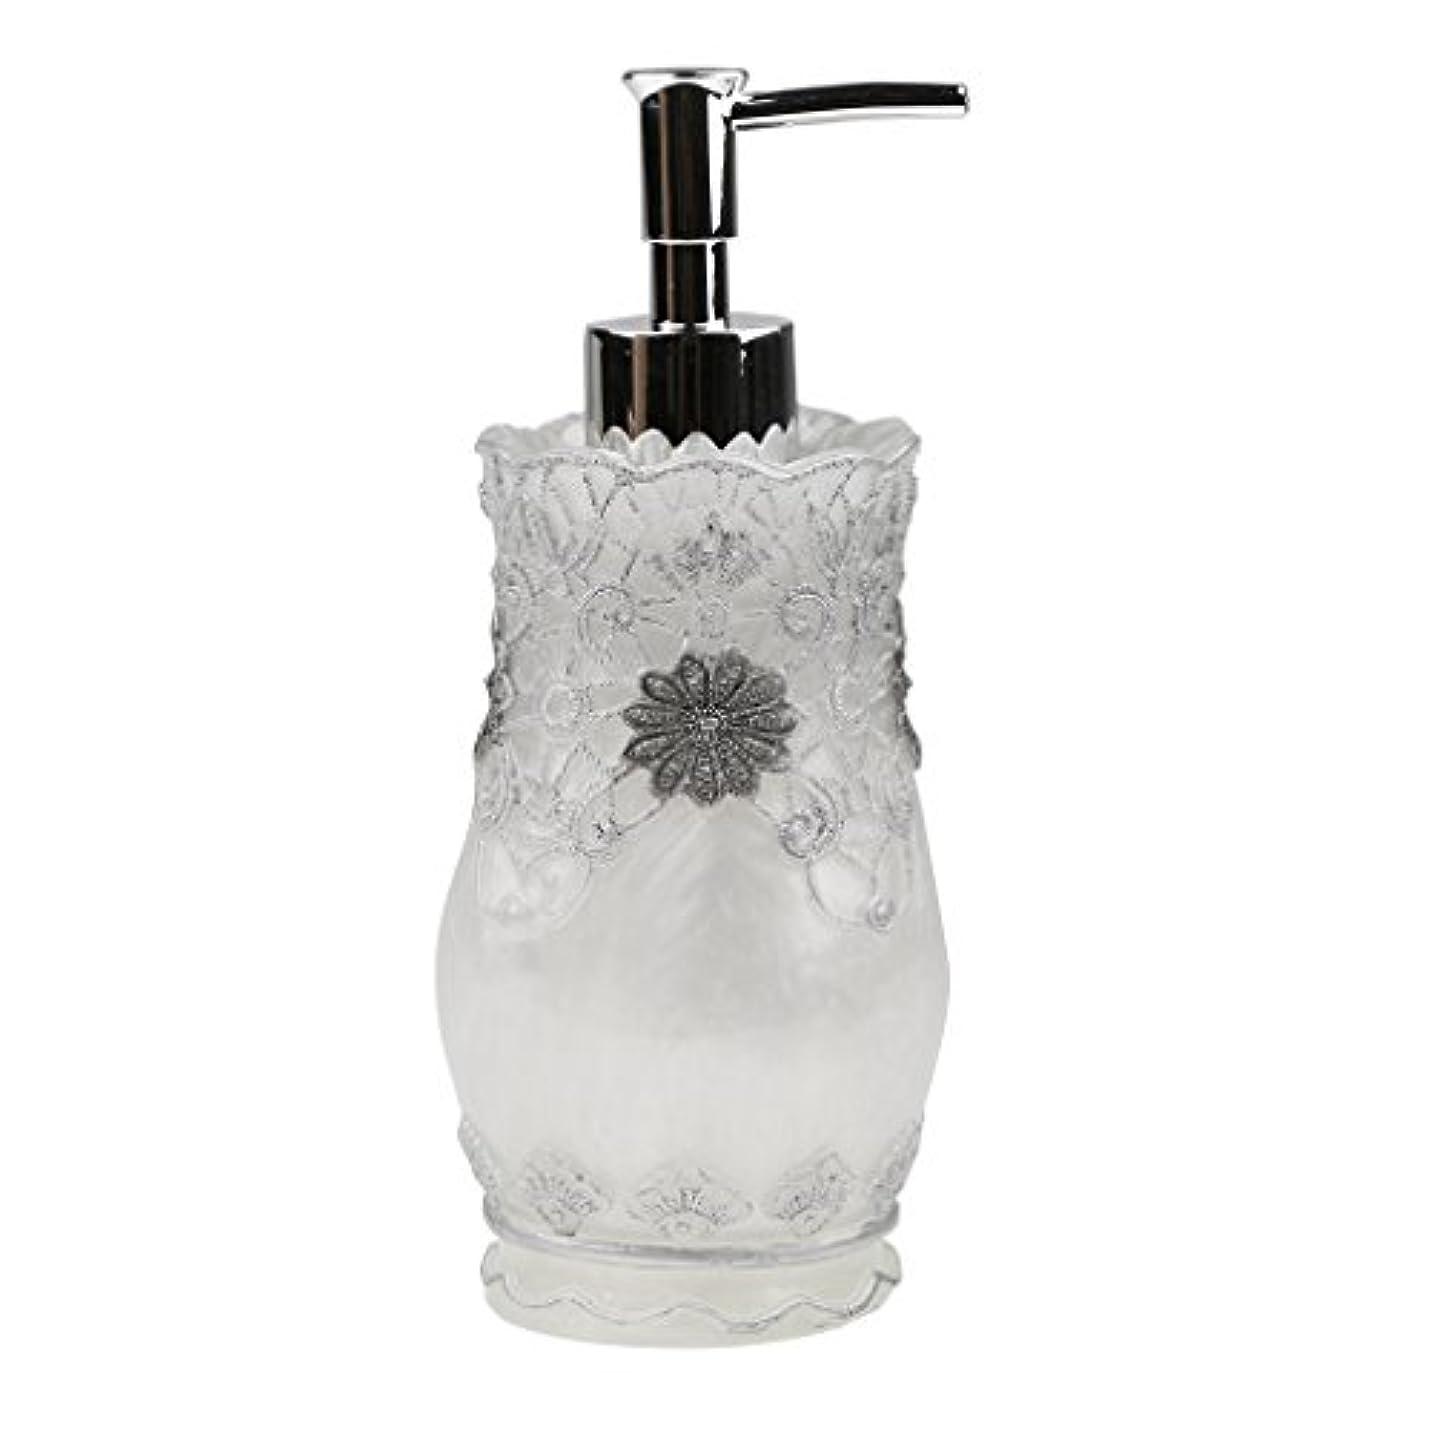 内部市区町村意志に反するHomyl 液体ソープ シャンプー用 空 シャンプー ボトル  詰め替えボトル 美しい エレガント デザイン  全4種類 - #2